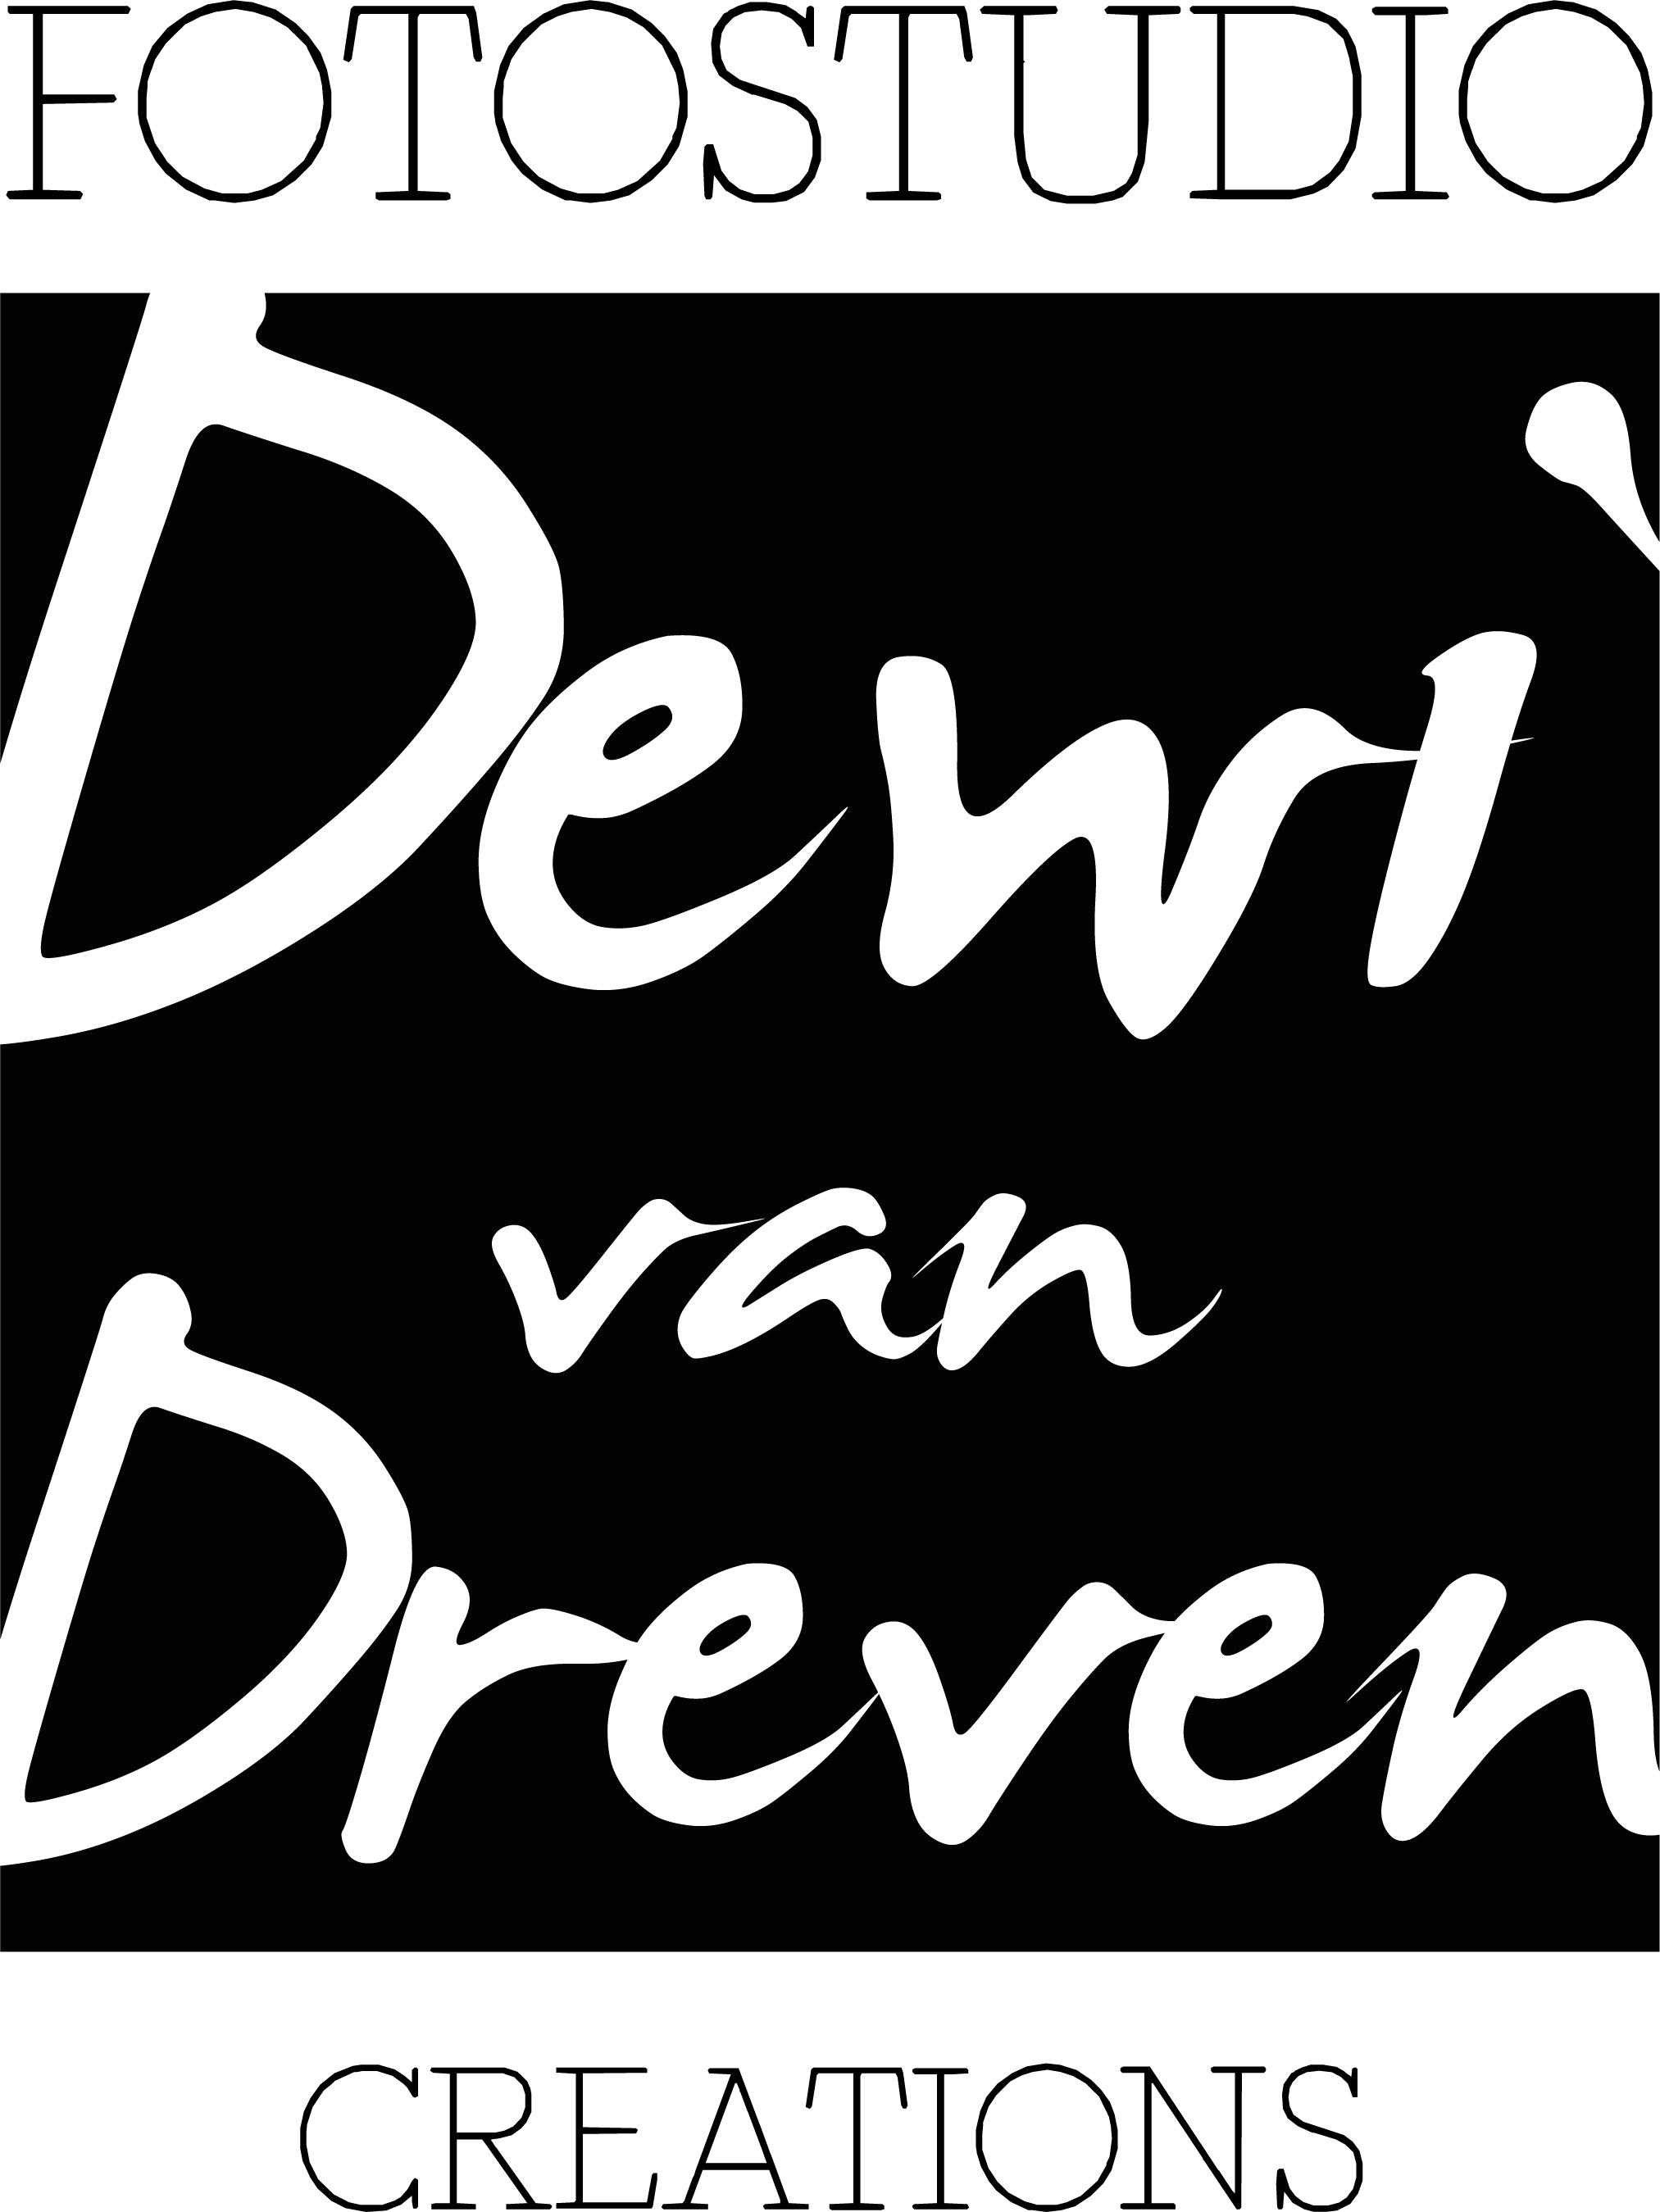 Fotostudio Dewi van Dreven